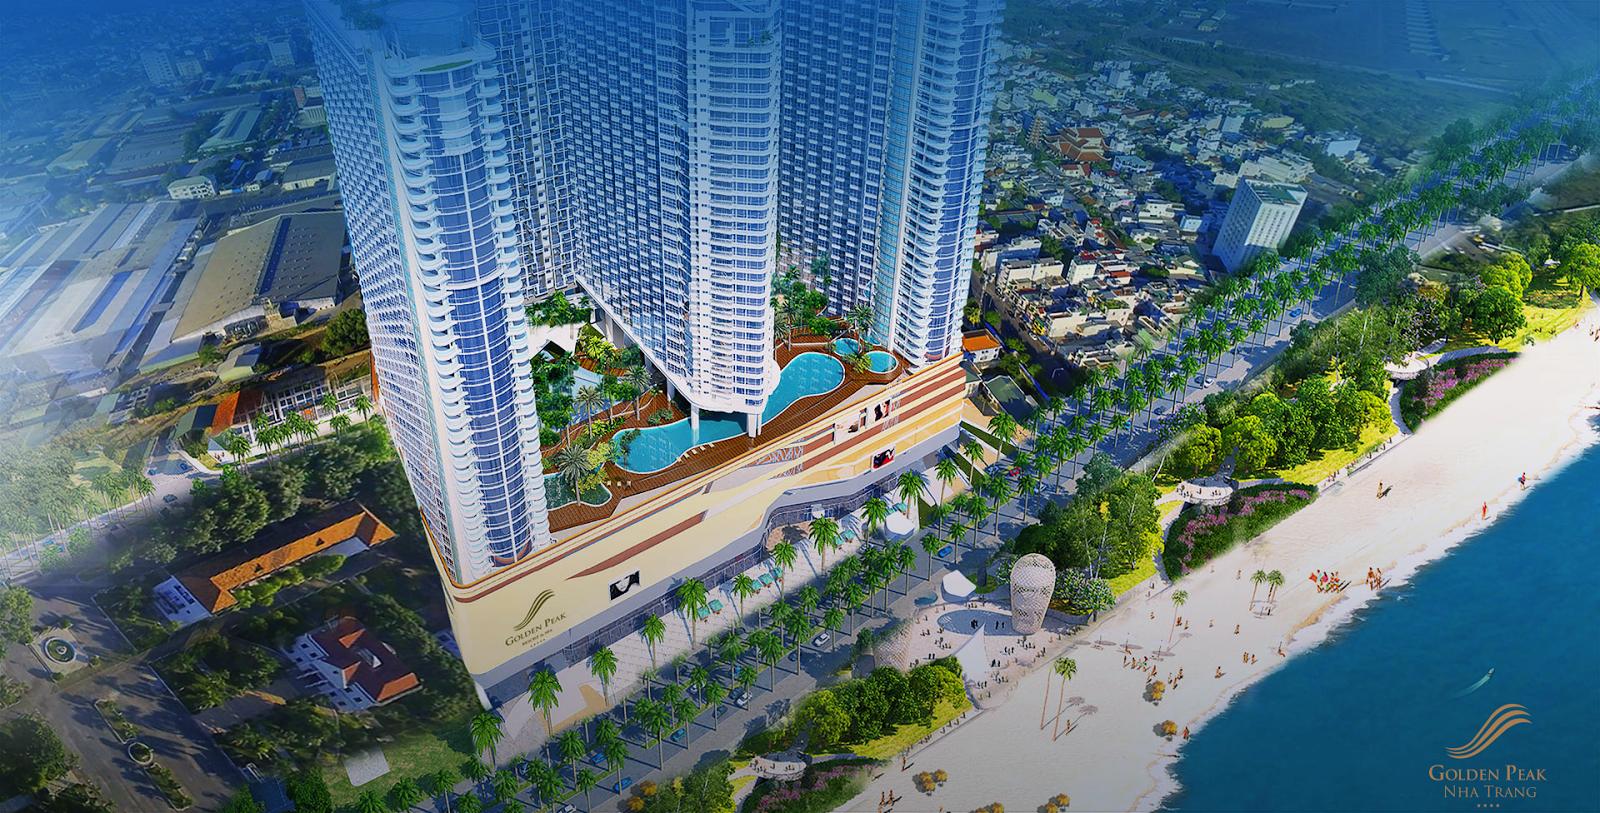 Siêu dự án Golden Peak Trần Phú Nha Trang